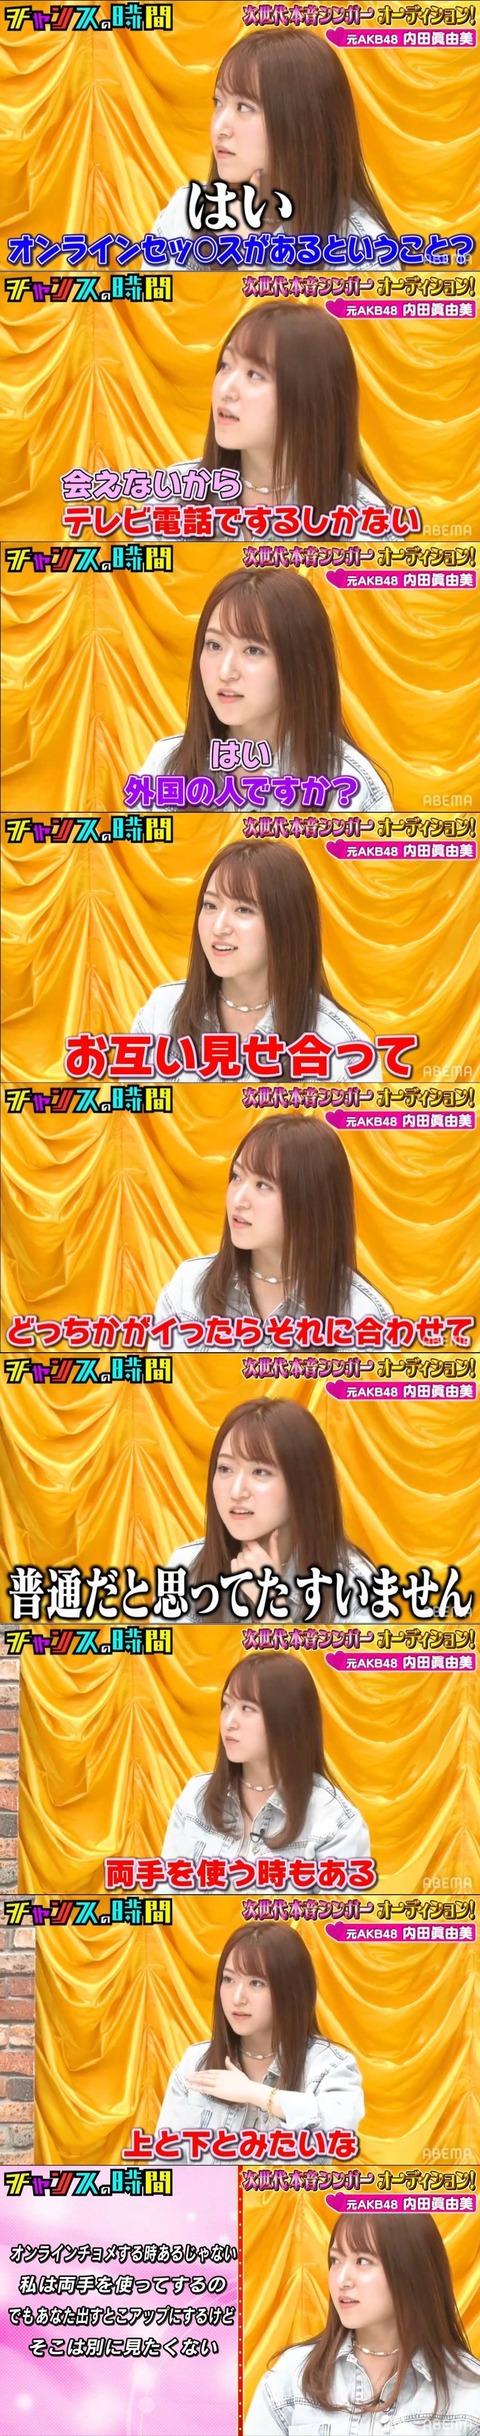 【元AKB48】卒業メンバーの仕事がこちら【内田眞由美・小林香菜】